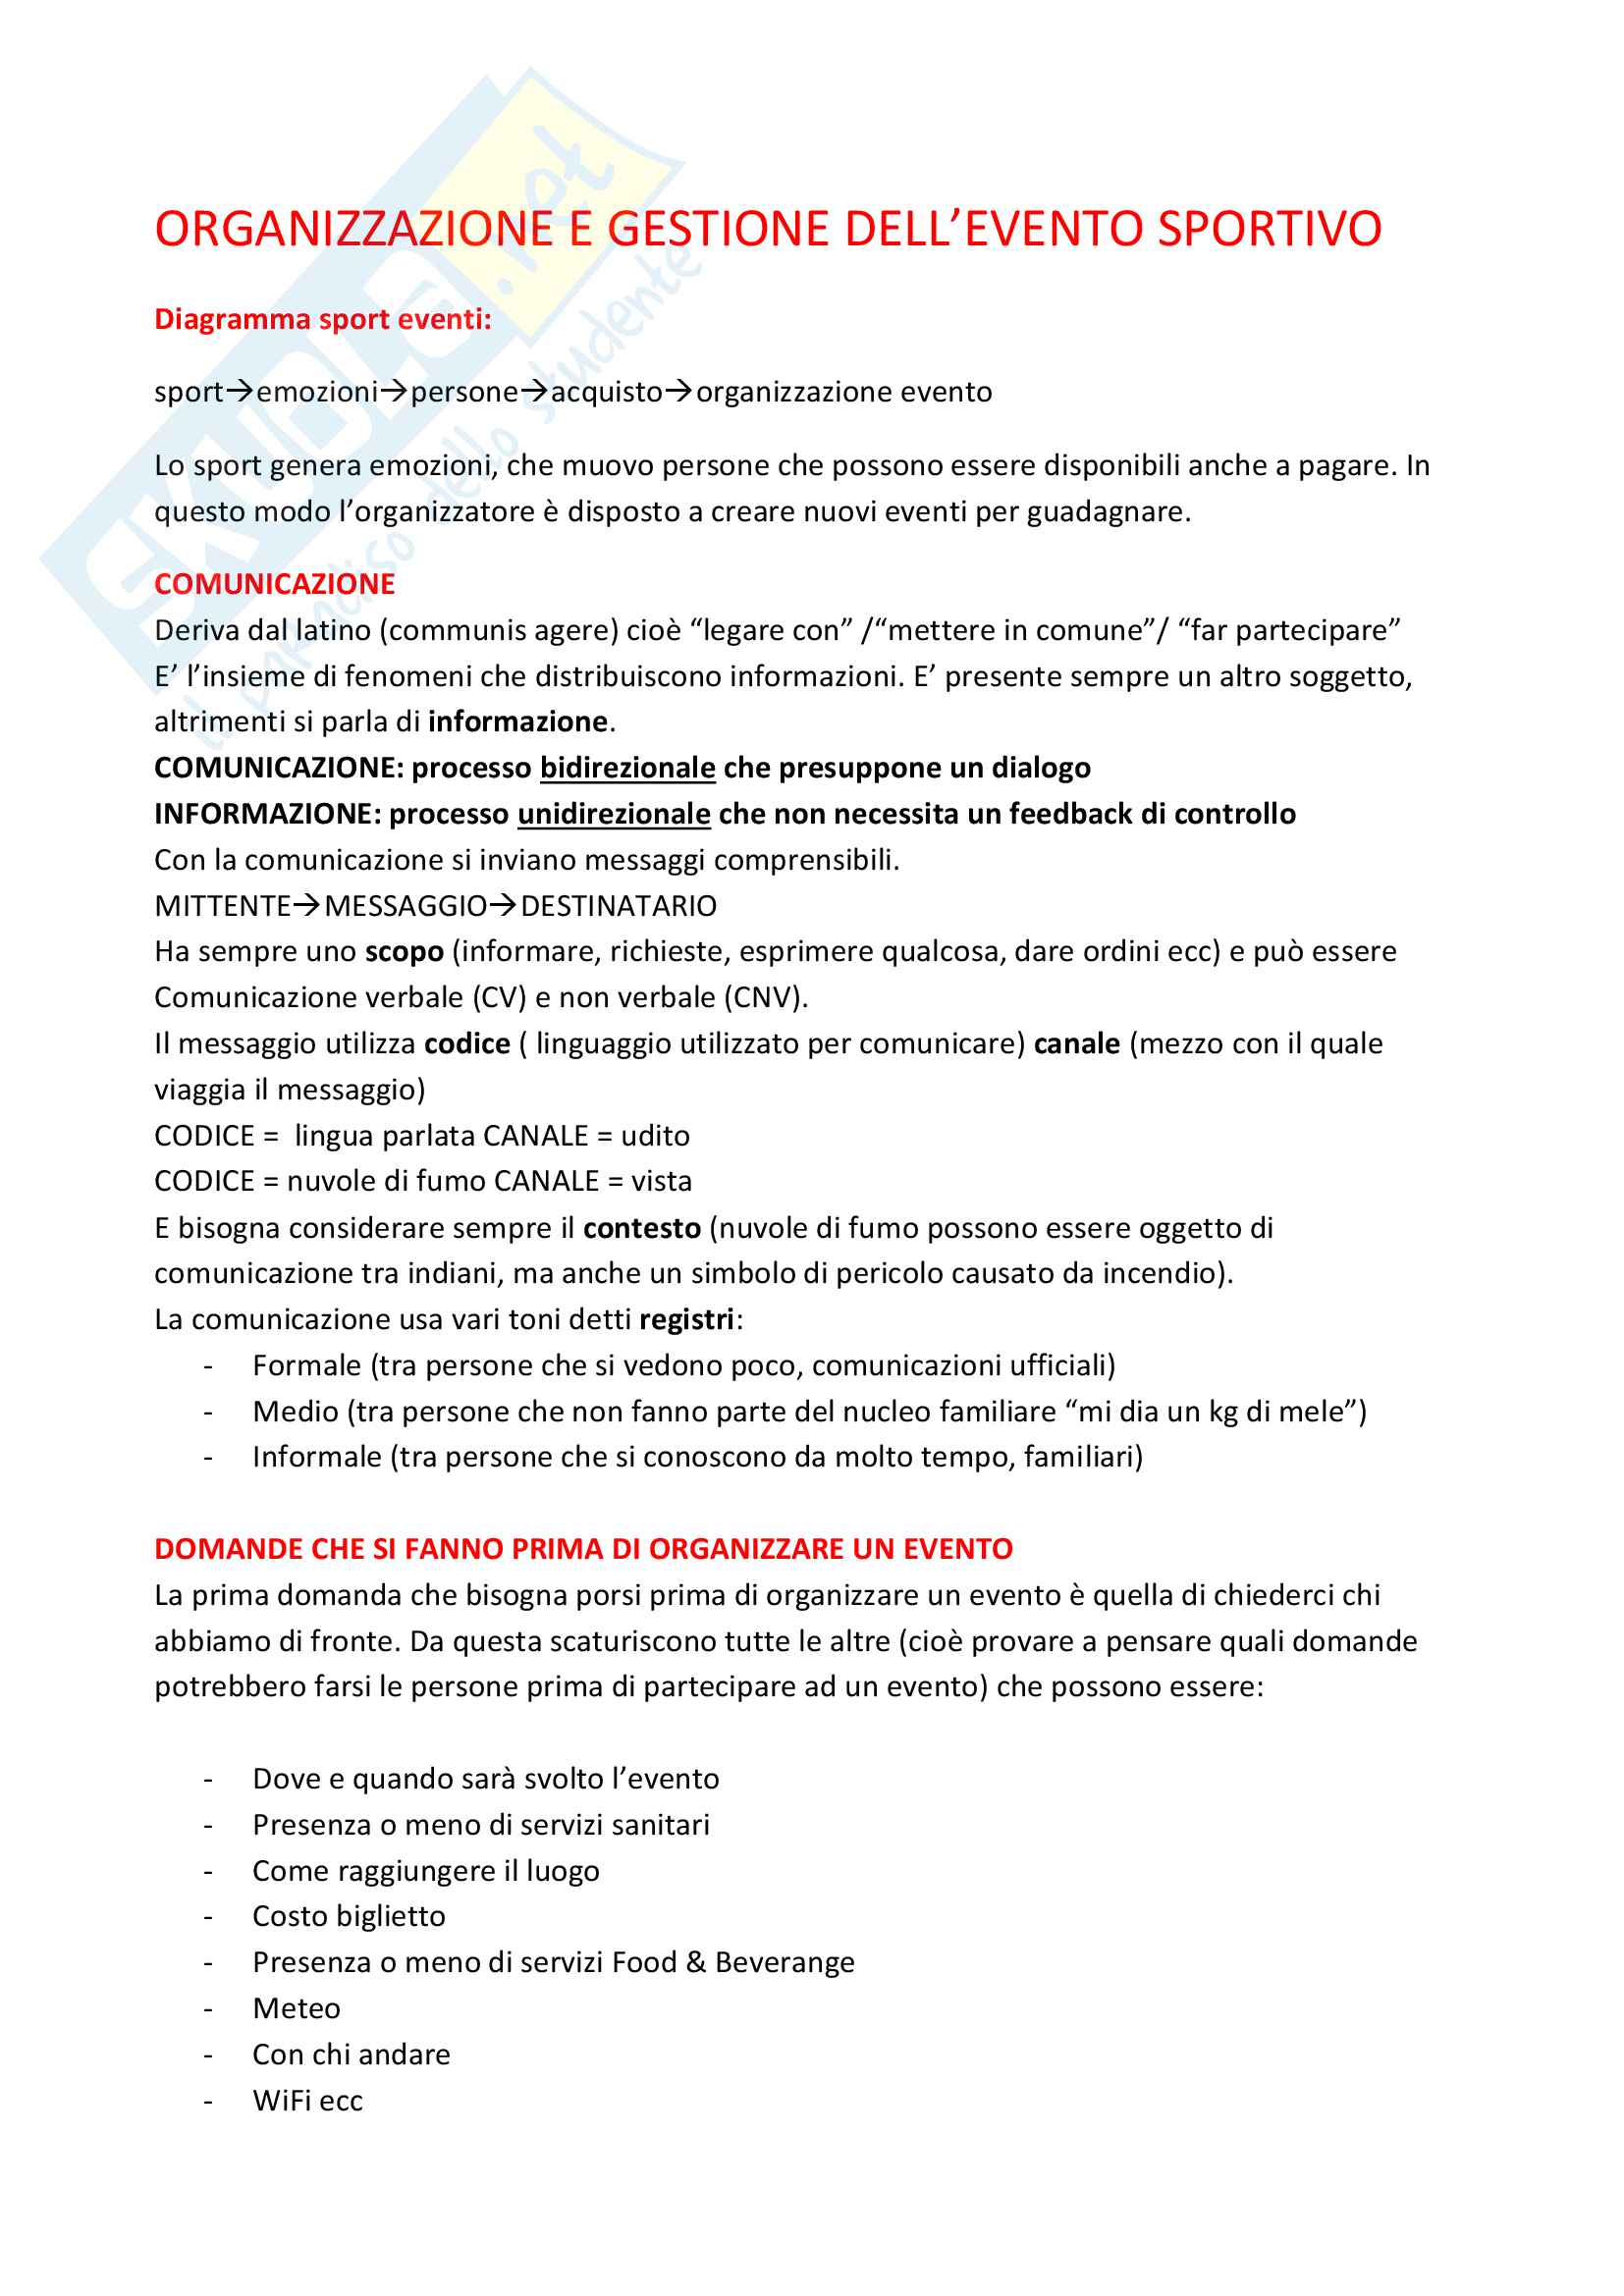 Appunti organizzazione e gestione dell'evento sportivo